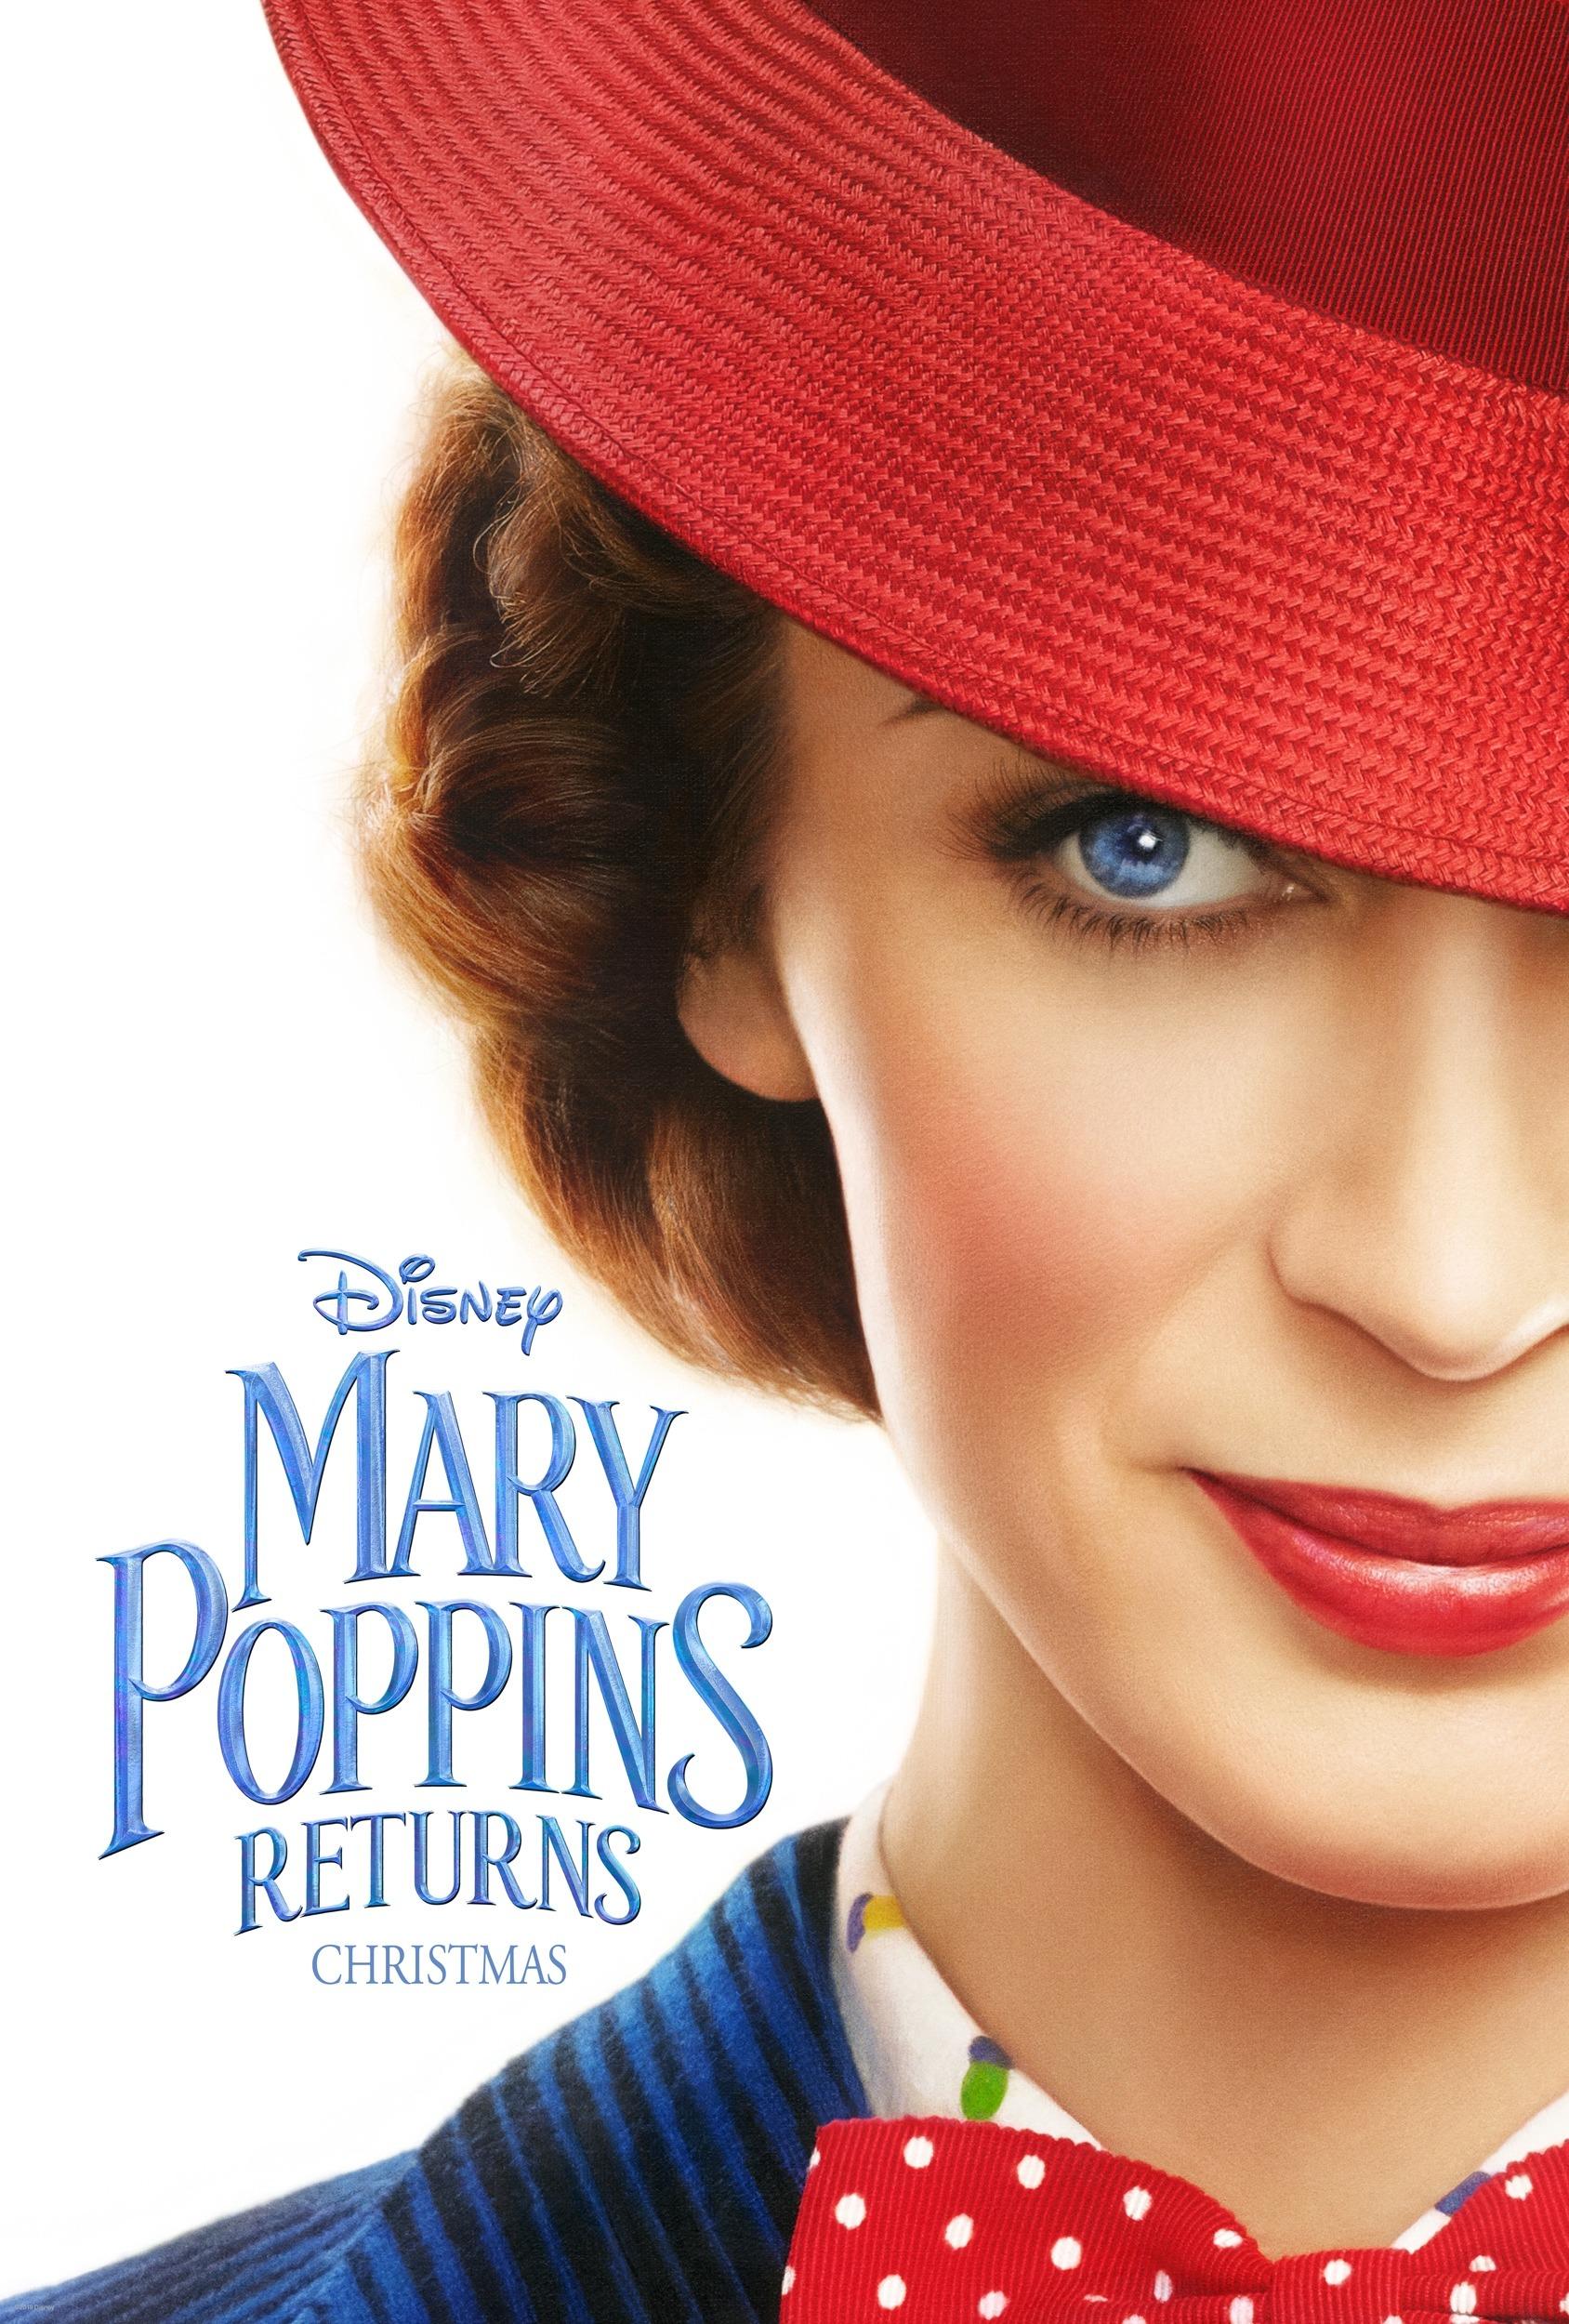 szmk_disney_mary_poppins_returns_visszater_15.jpg